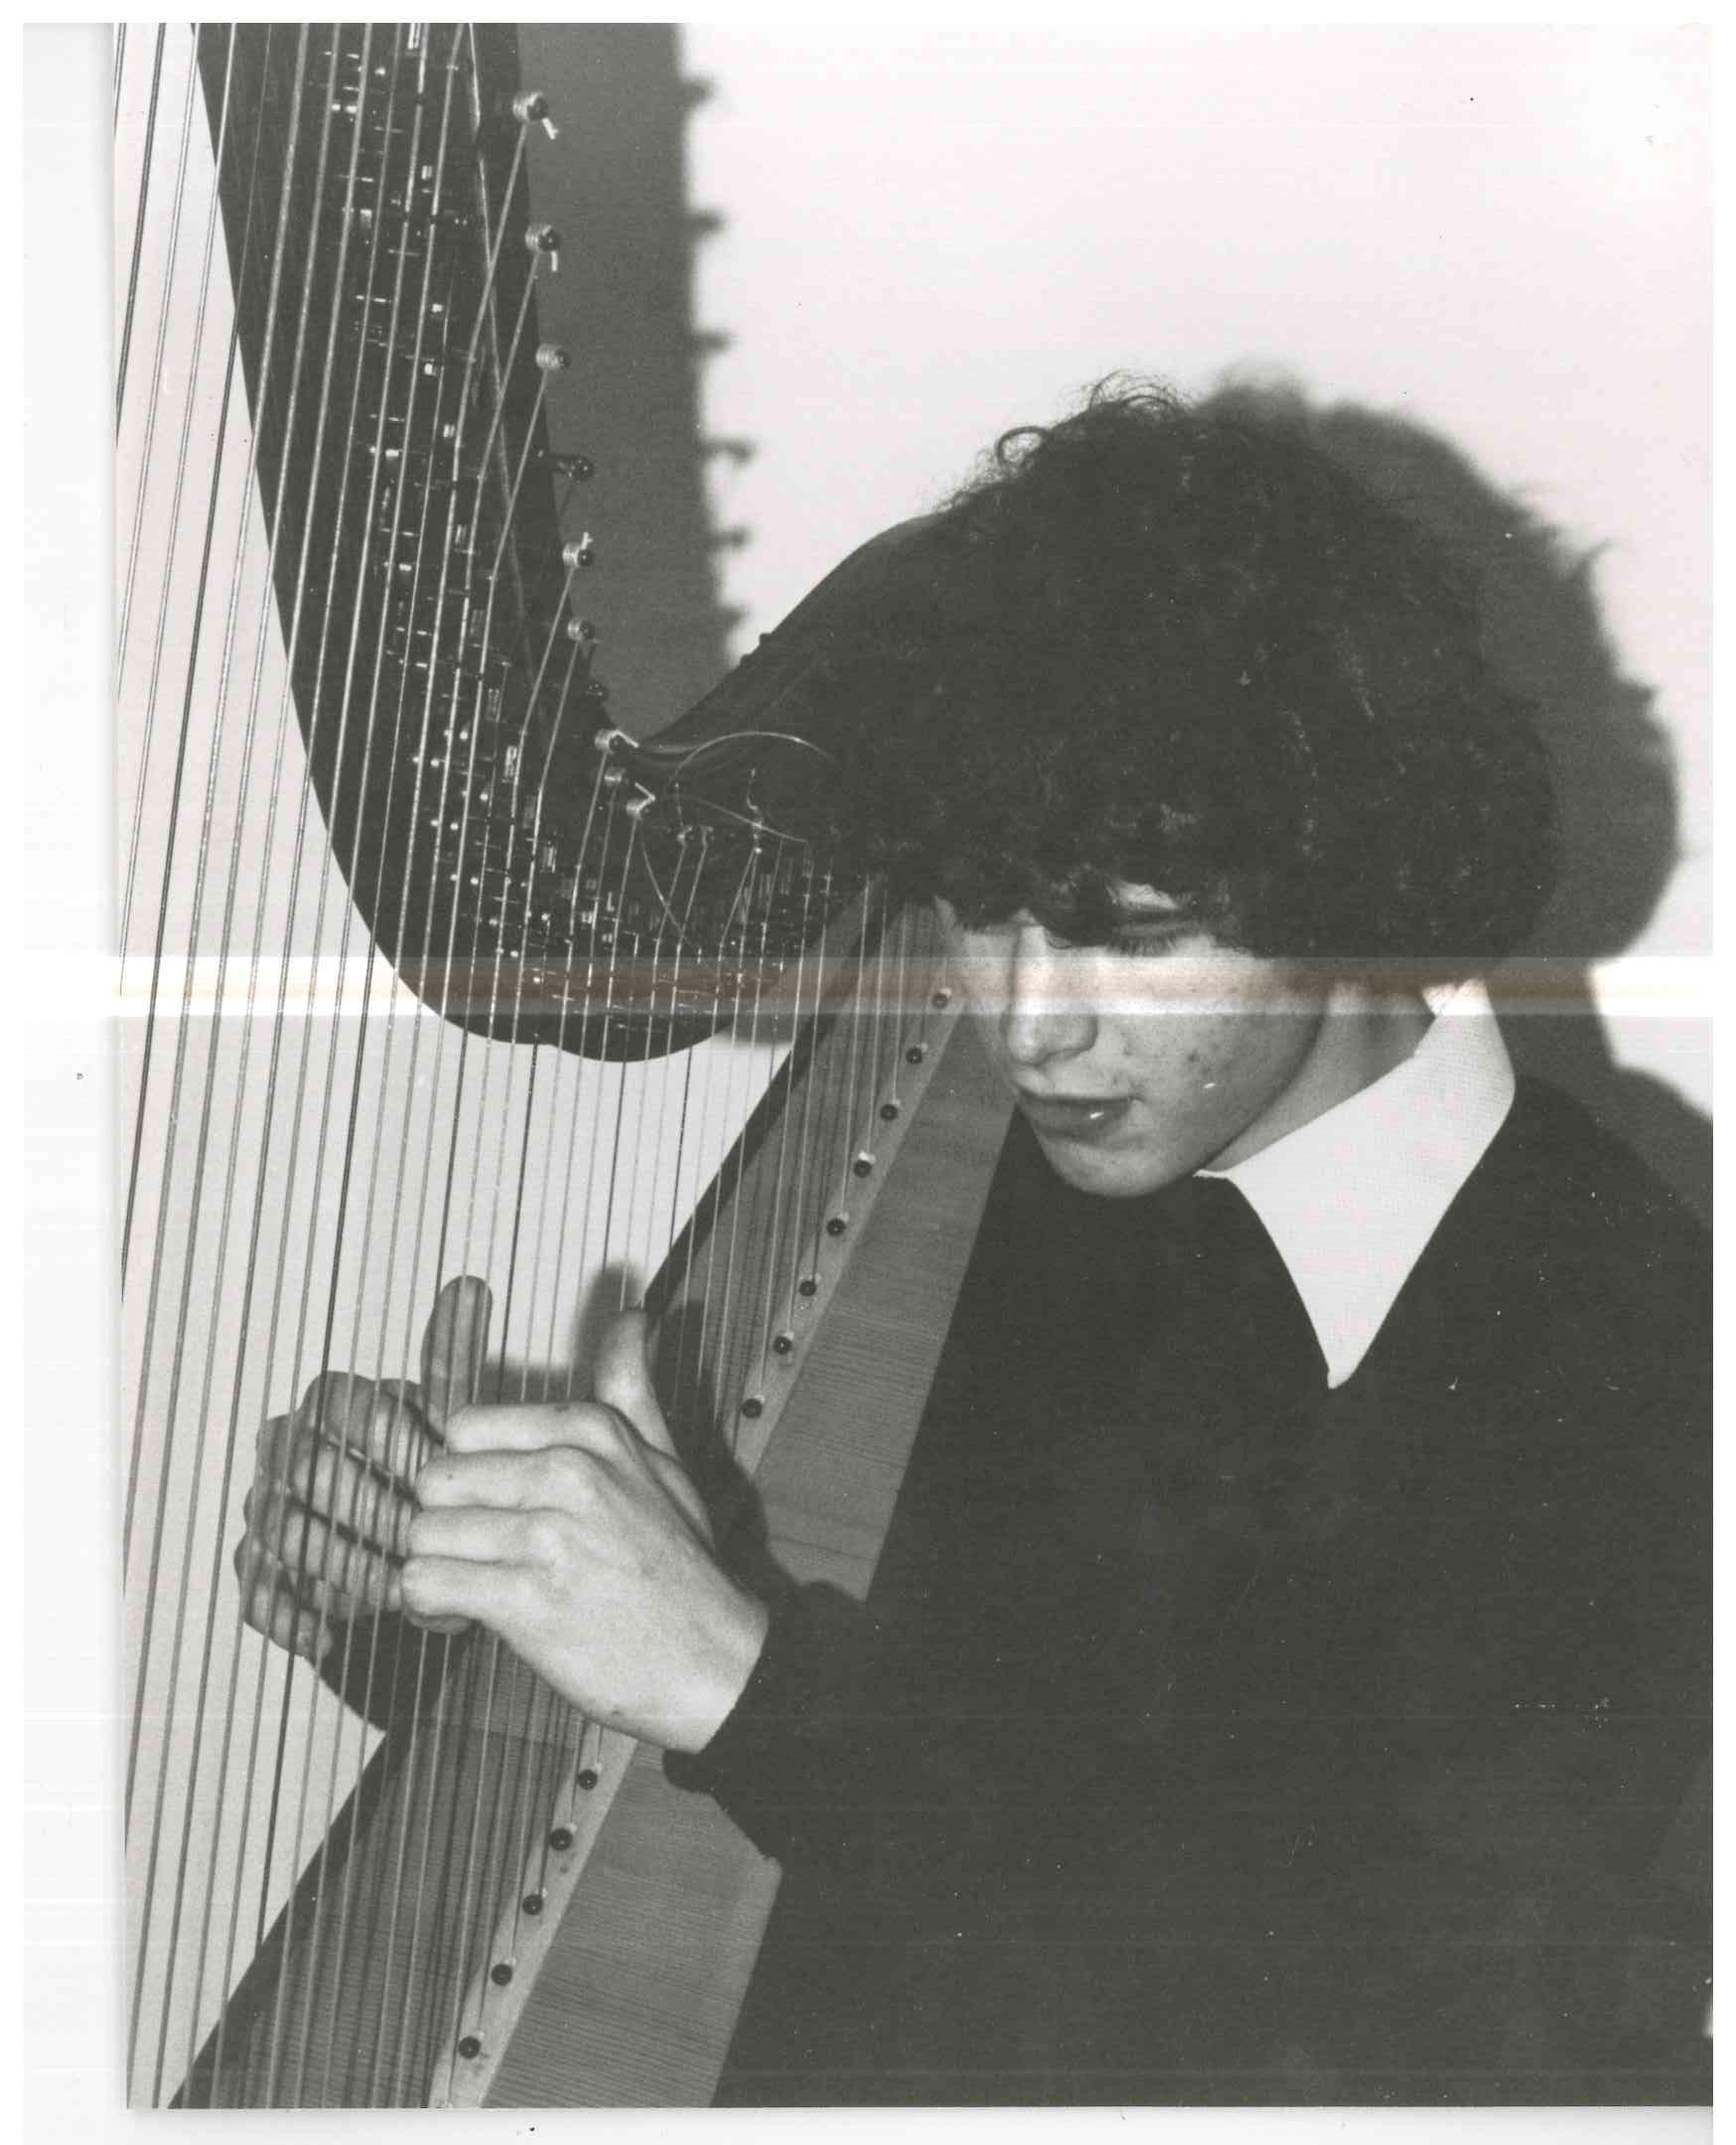 00511-Misc. Photos BYO - Harp Soloist.jpg